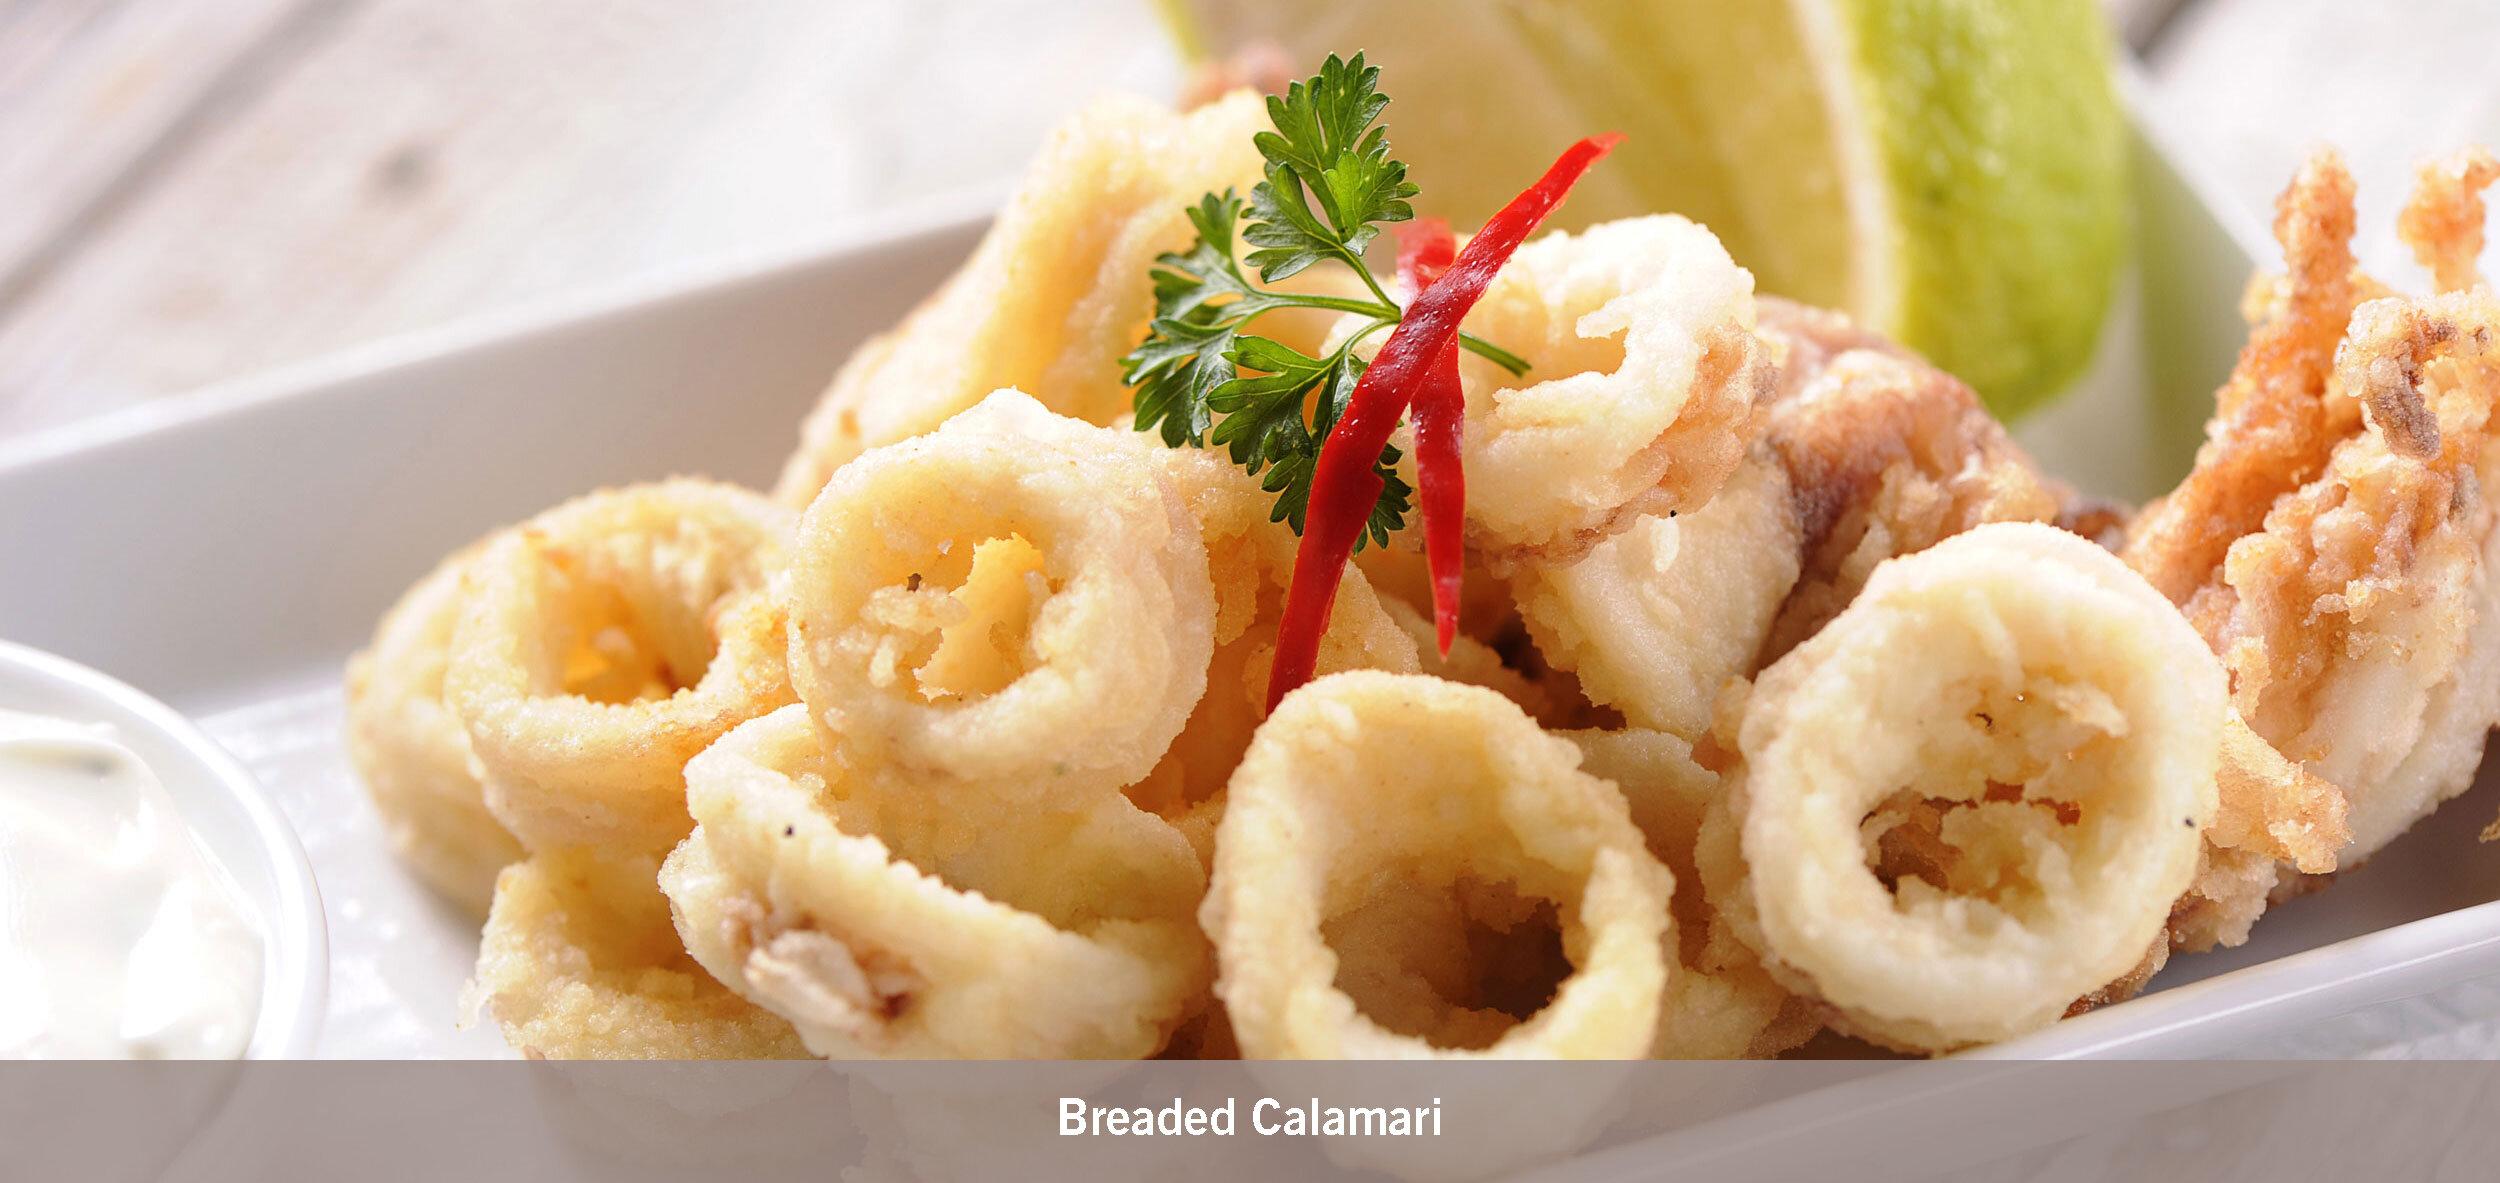 Breaded Calamari